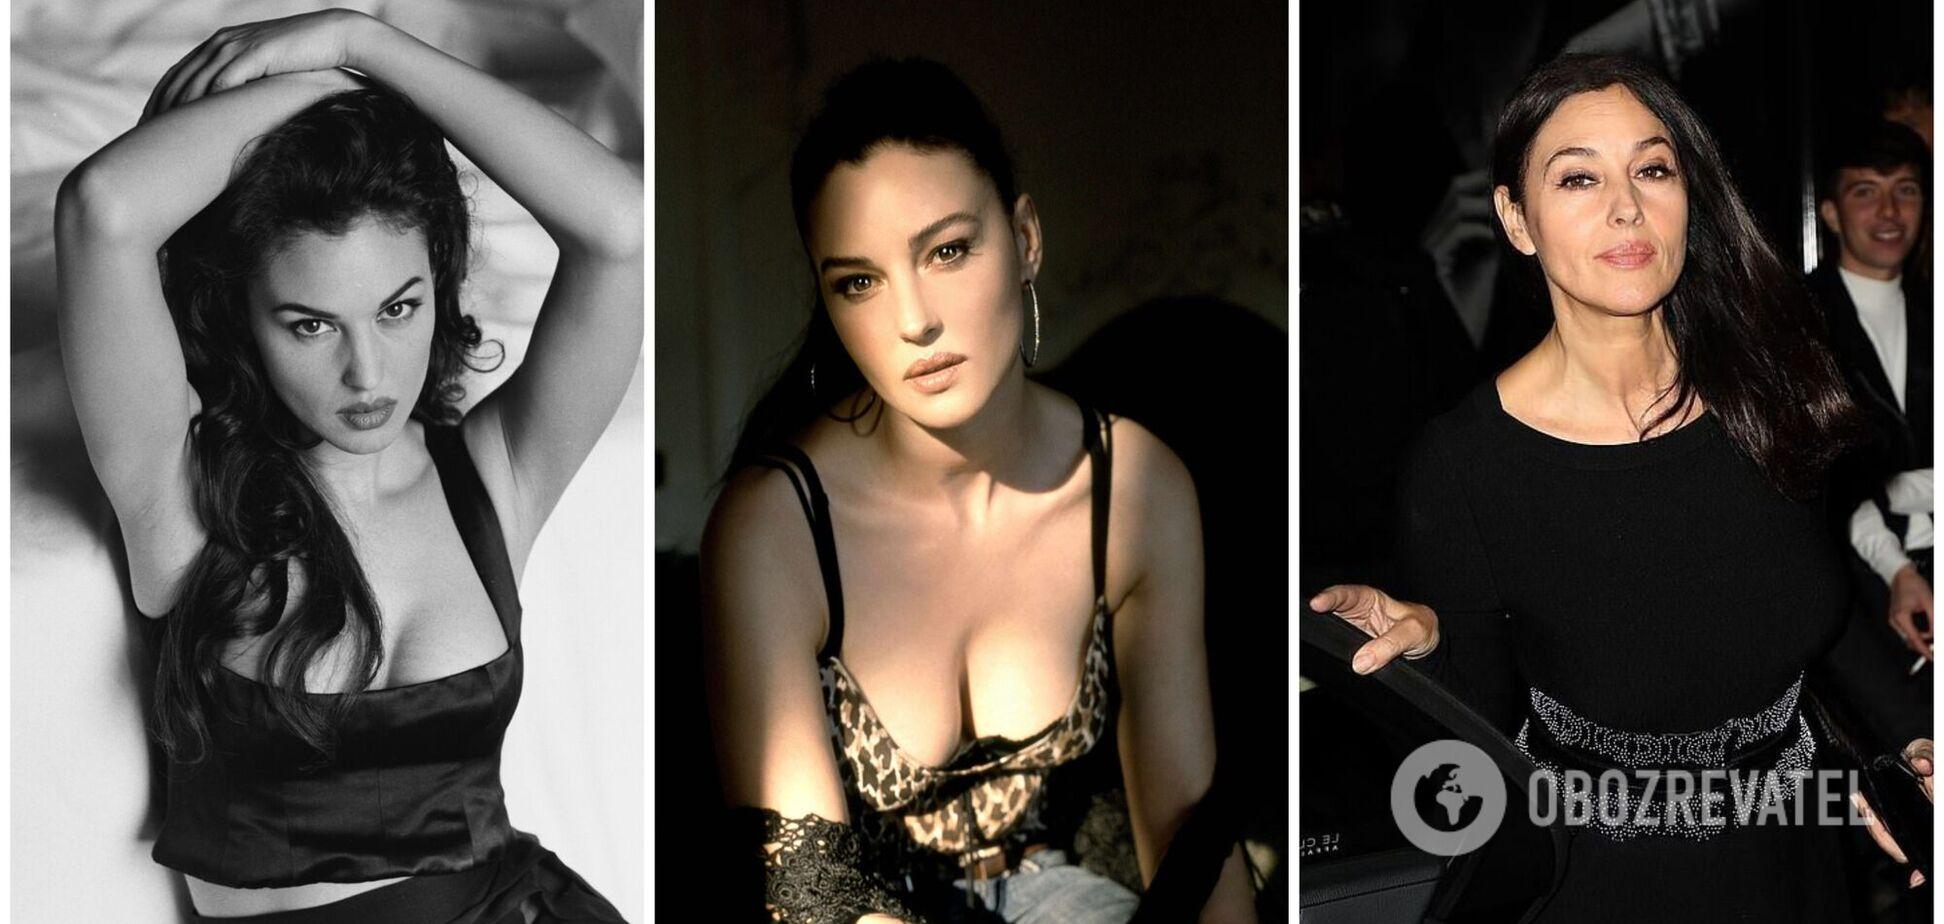 Моніка Беллуччі раптово постаріла: як змінювалась краса однієї з найсексуальніших жінок планети. Фото